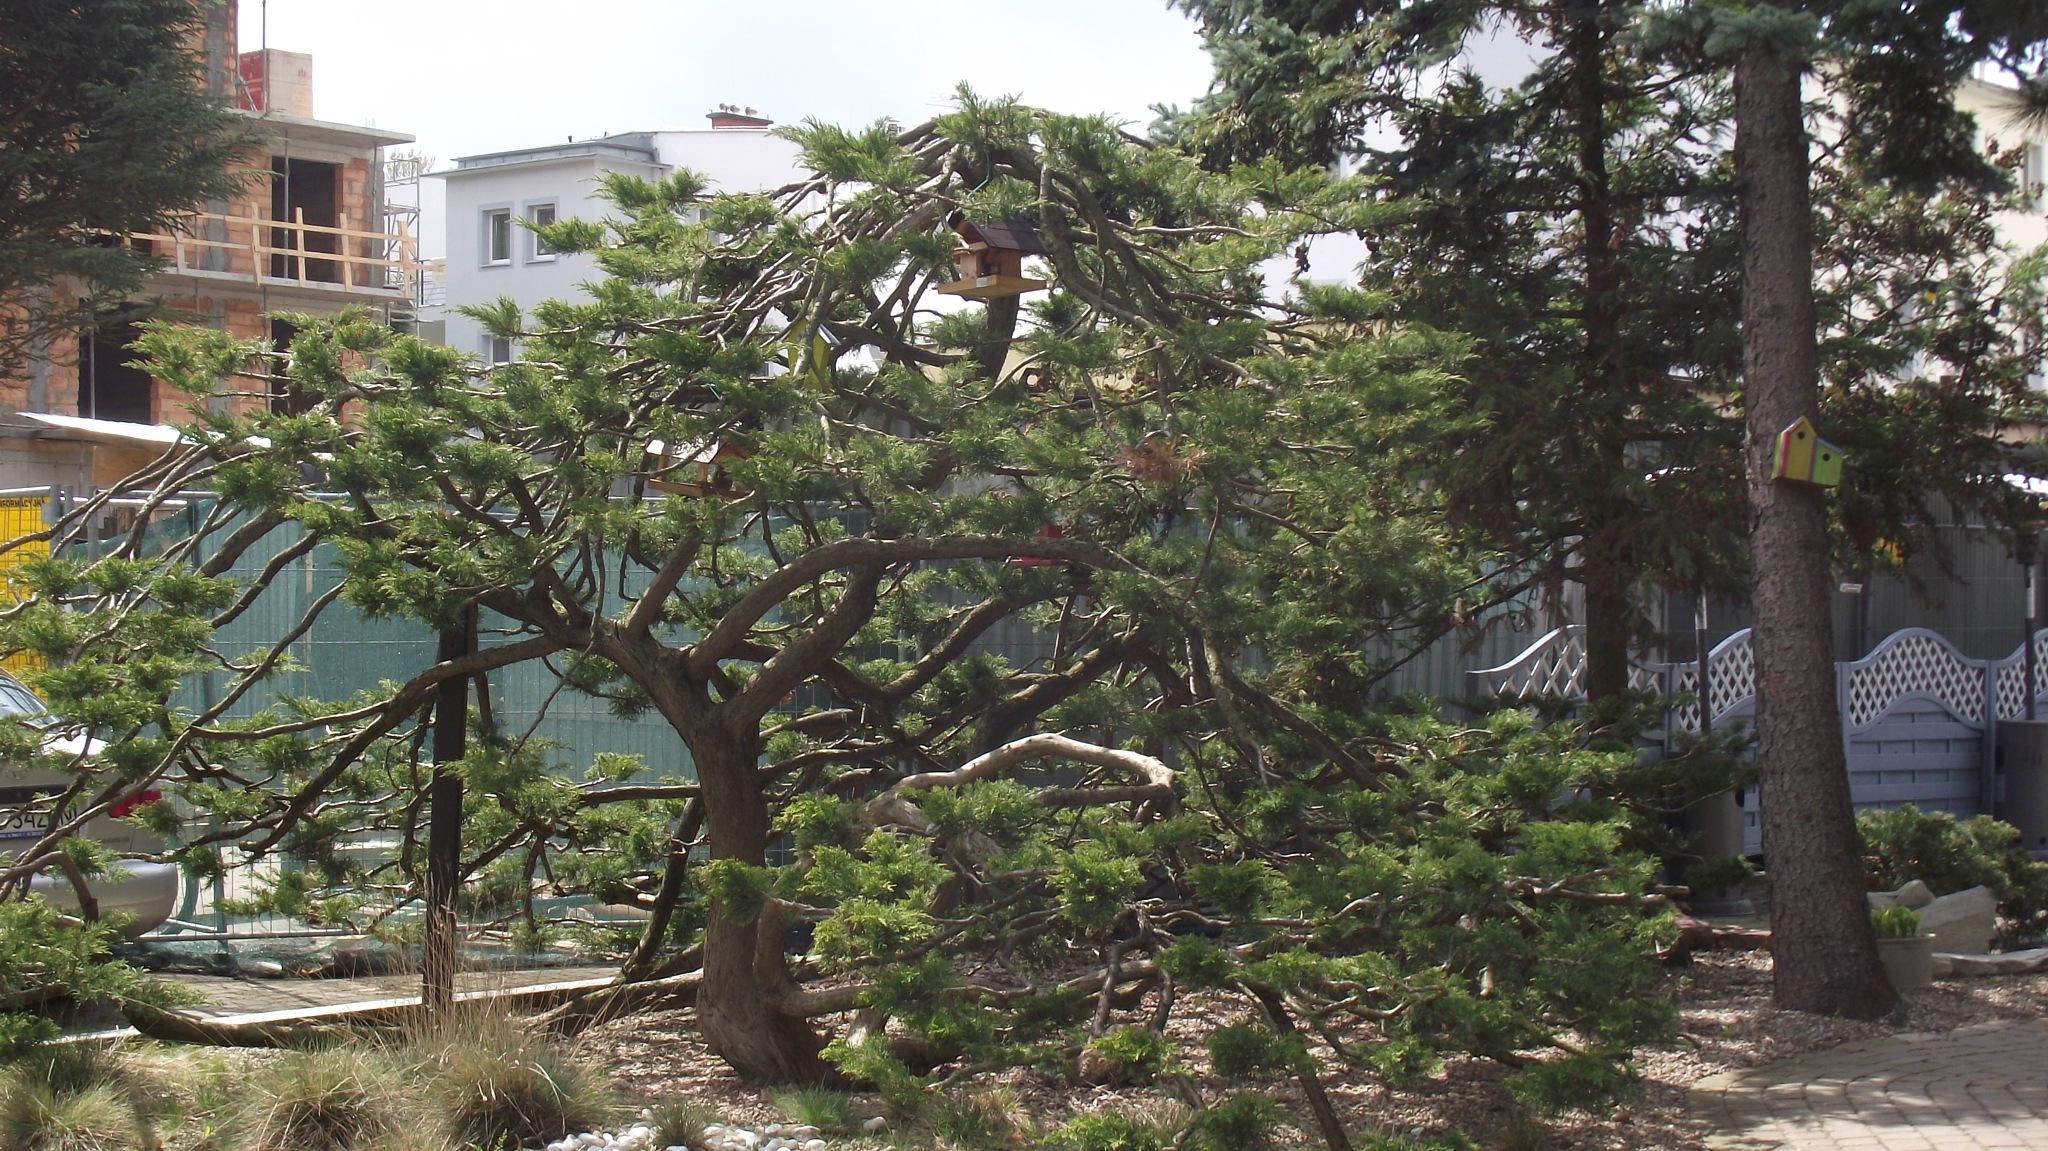 drzewko by Zbyszek Kolano